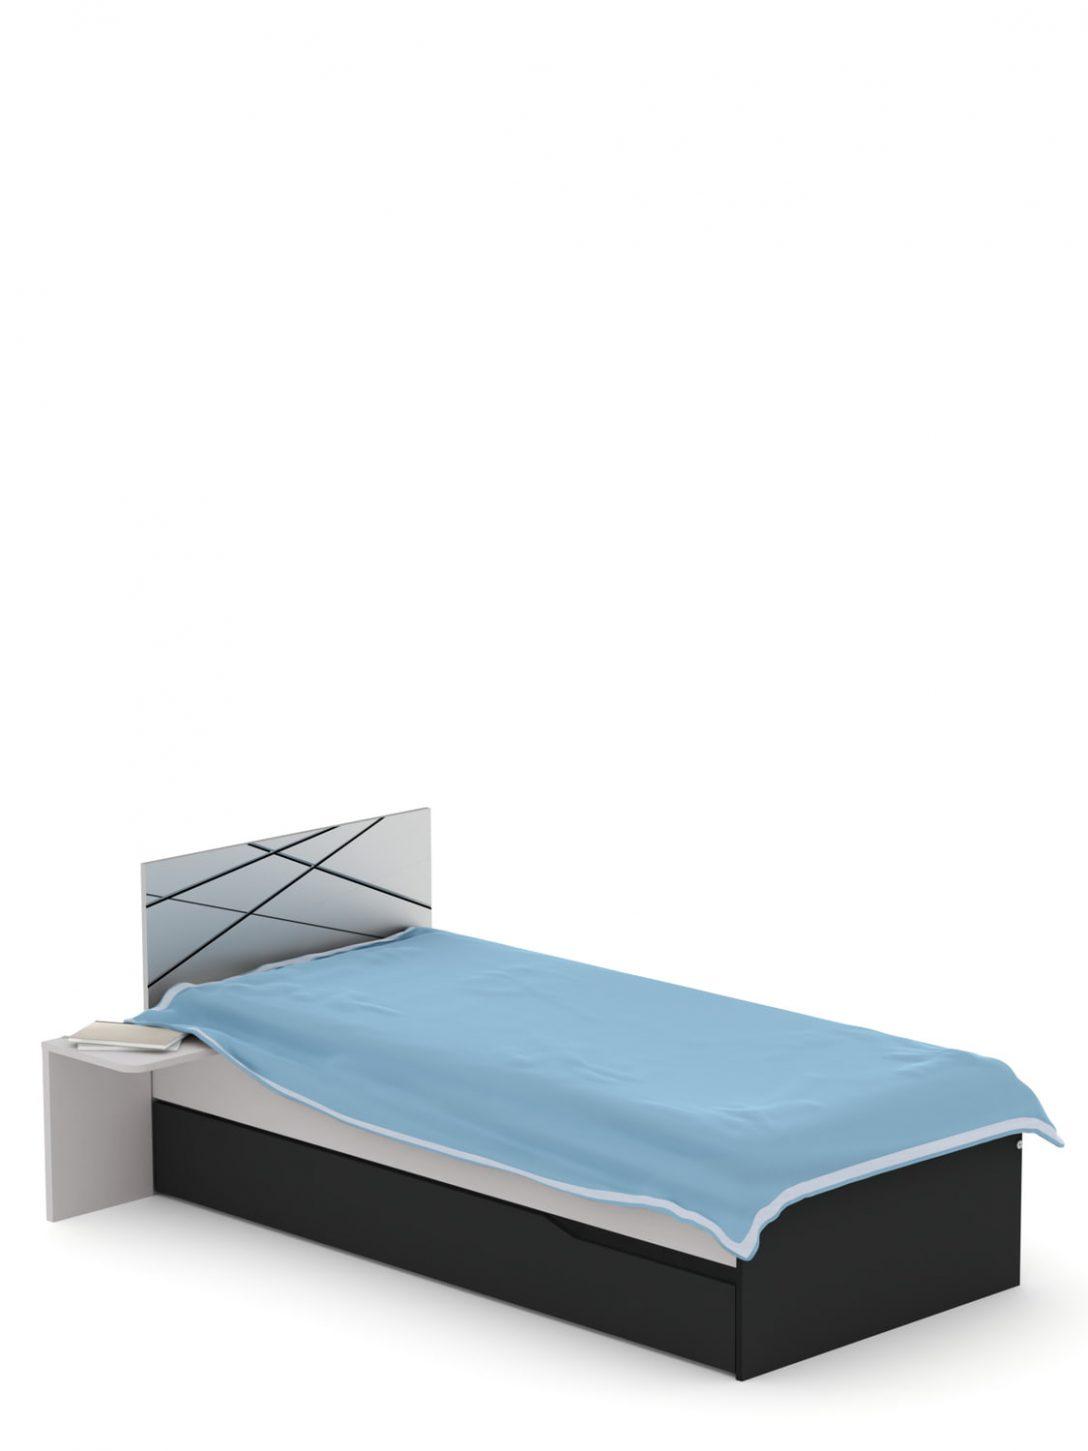 Large Size of Bett 90x190 Dark Betten Yo Meblik Stauraum 160x200 Ausklappbares Balken Luxus 220 X 200 Mit Schubladen Roba Matratze Kaufen Prinzessin Sofa Bettfunktion 1 40 Bett Bett 90x190